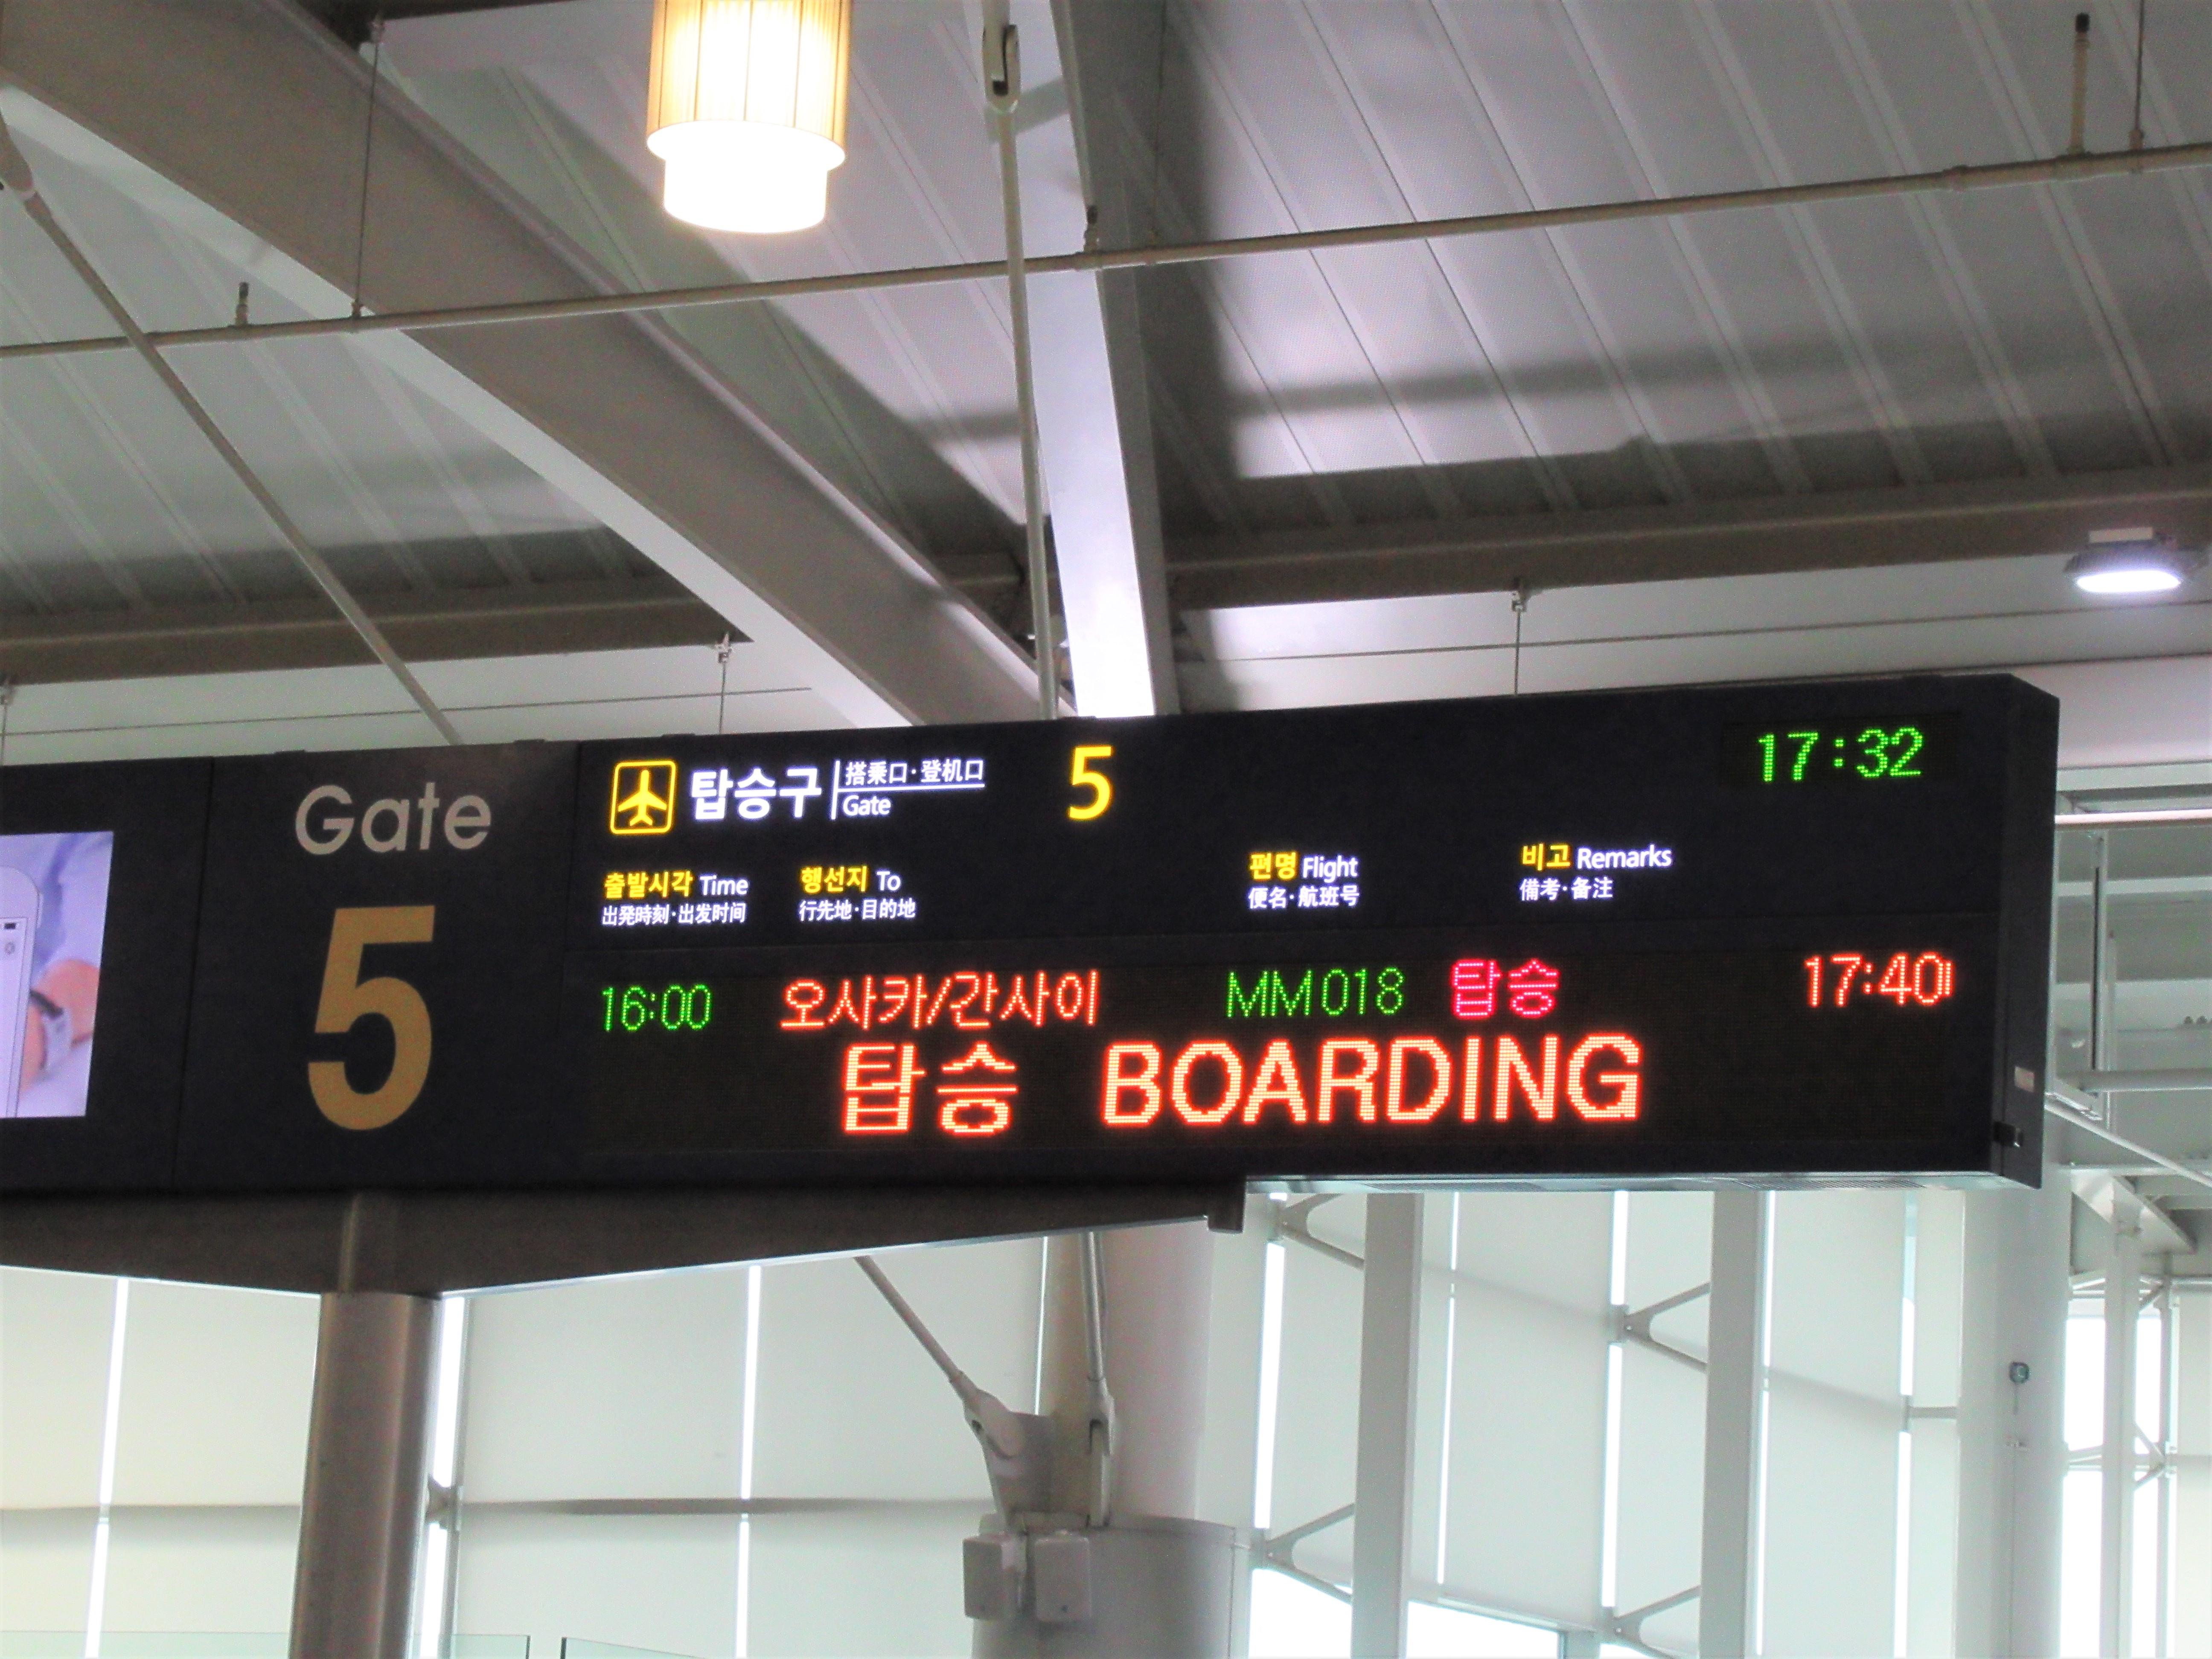 【ピーチ遅延5時間・フライト変更レビュー】補償は?Peachポイントが使えない?通貨に注意!|韓国ブログ旅